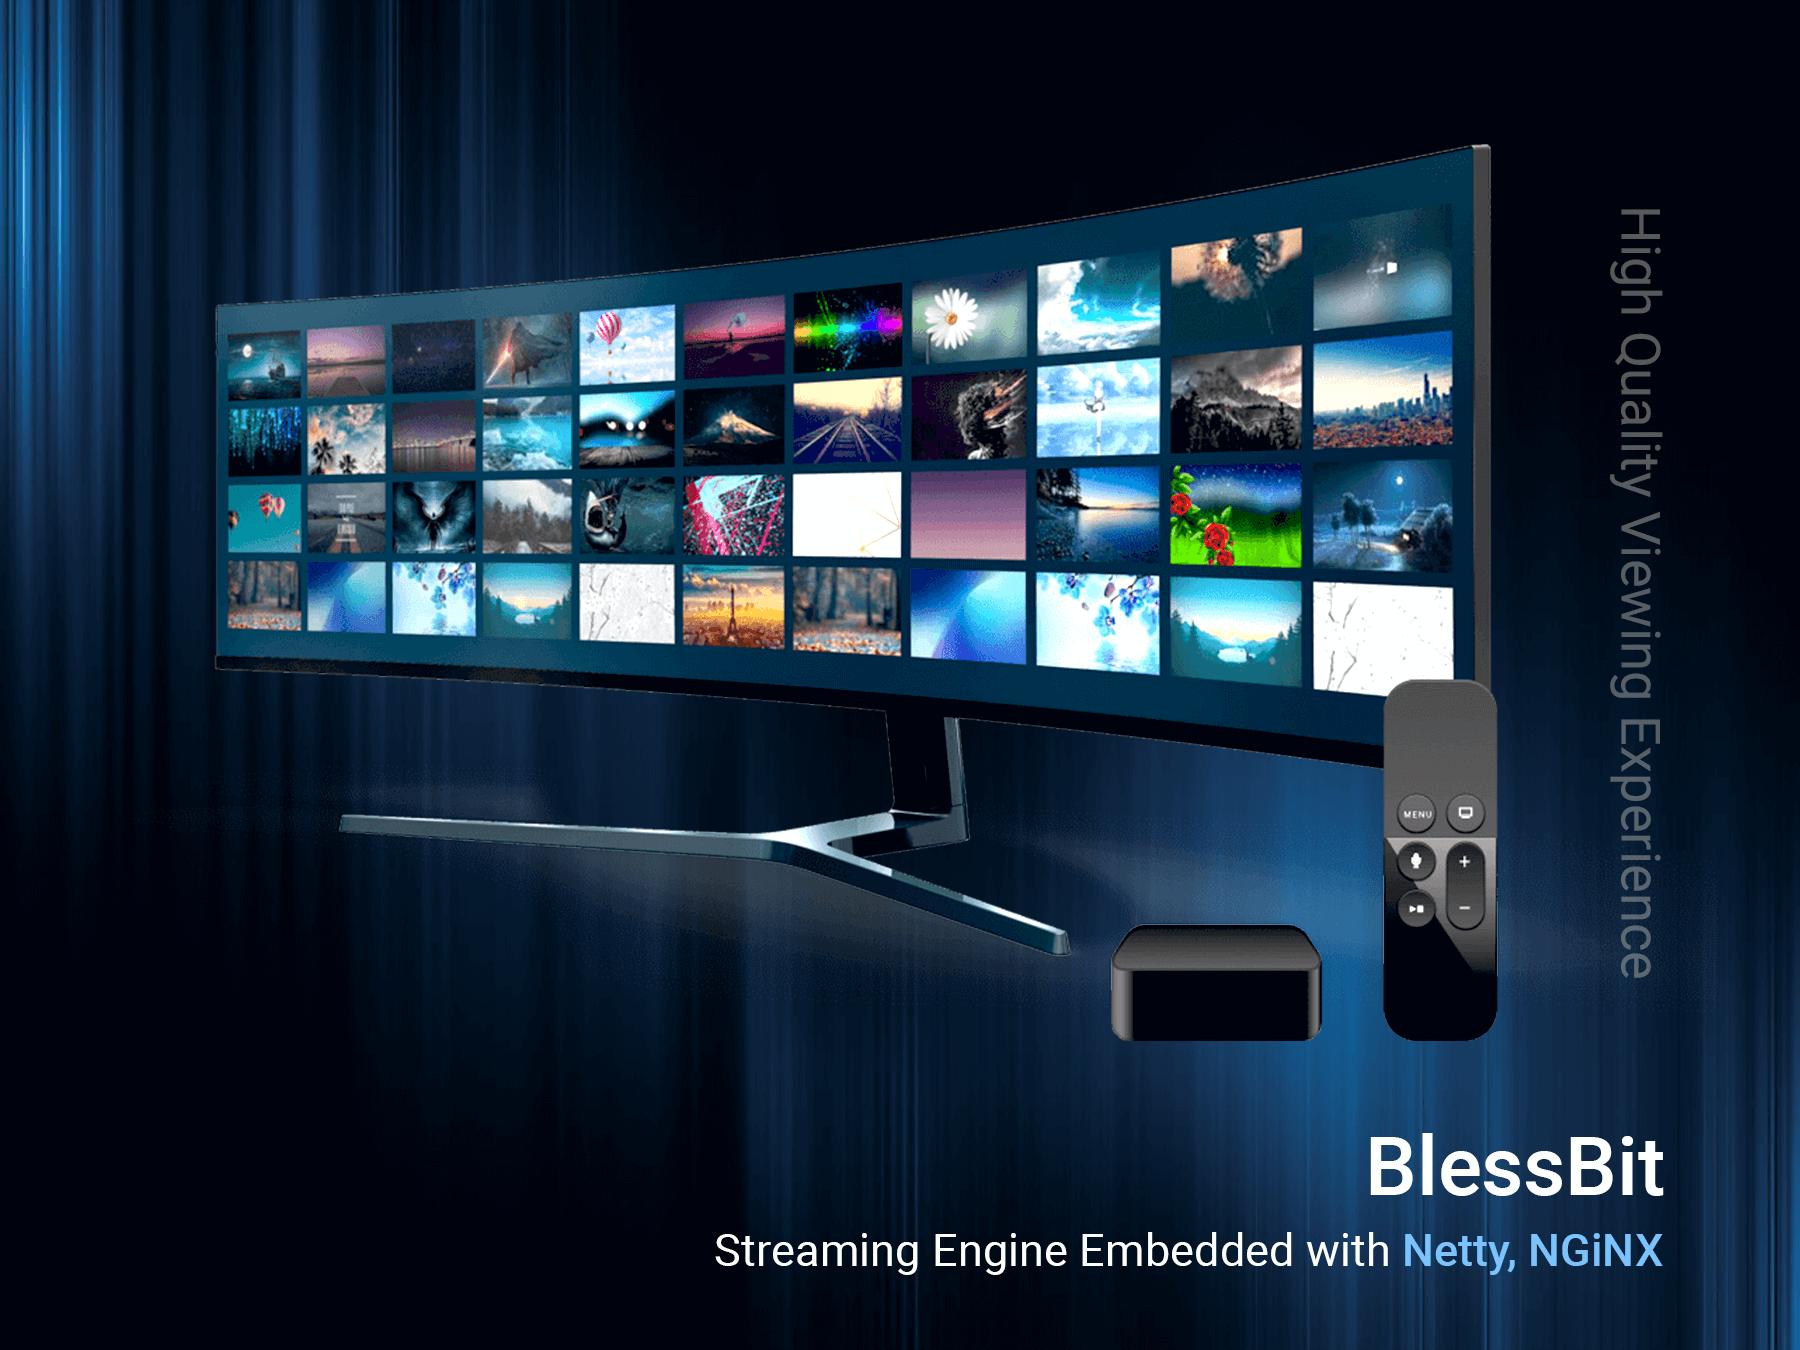 BlessBit